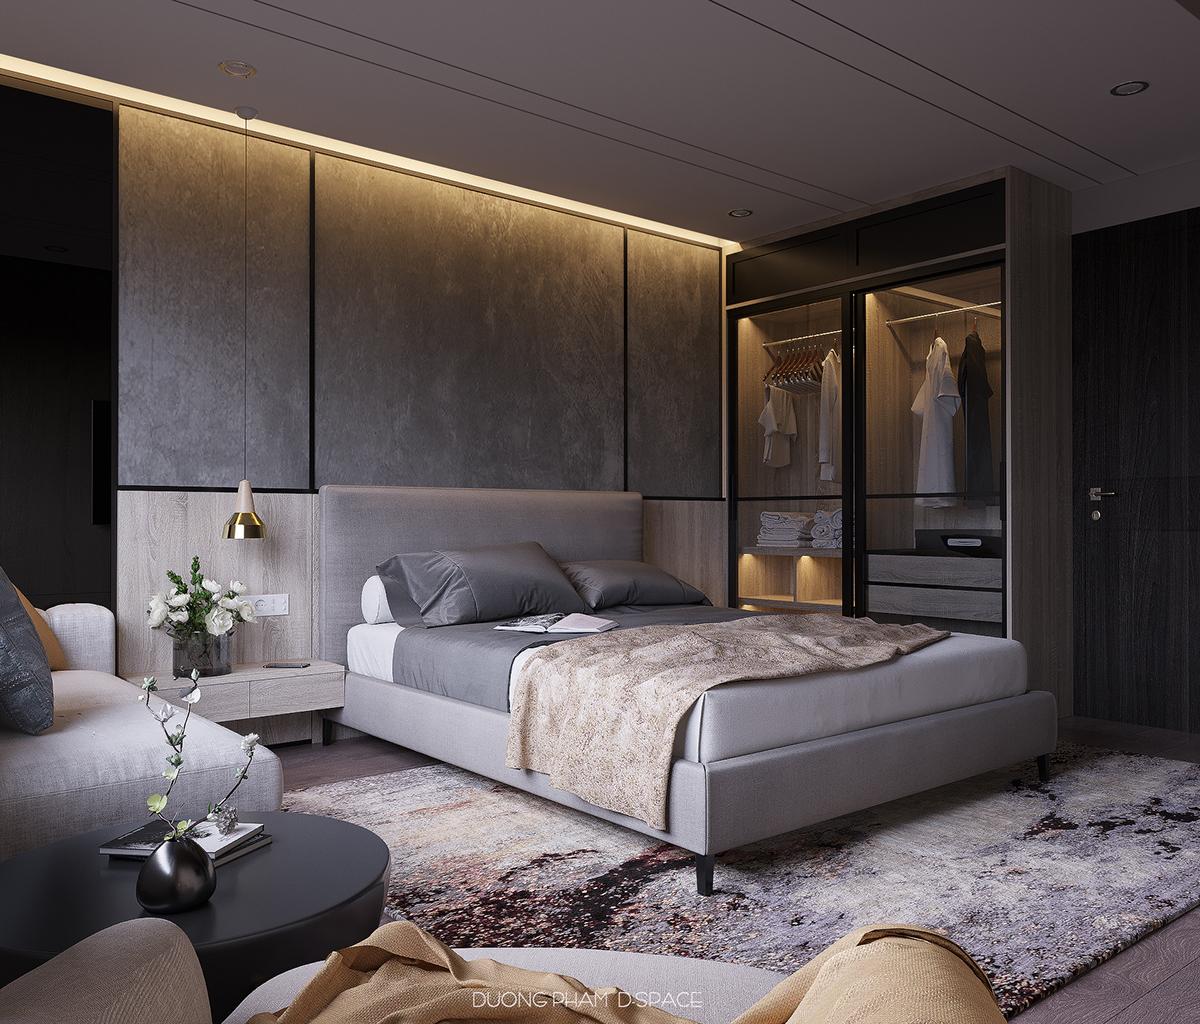 thiết kế nội thất chung cư tại Hồ Chí Minh Taiwan Apartment 4 1535512315